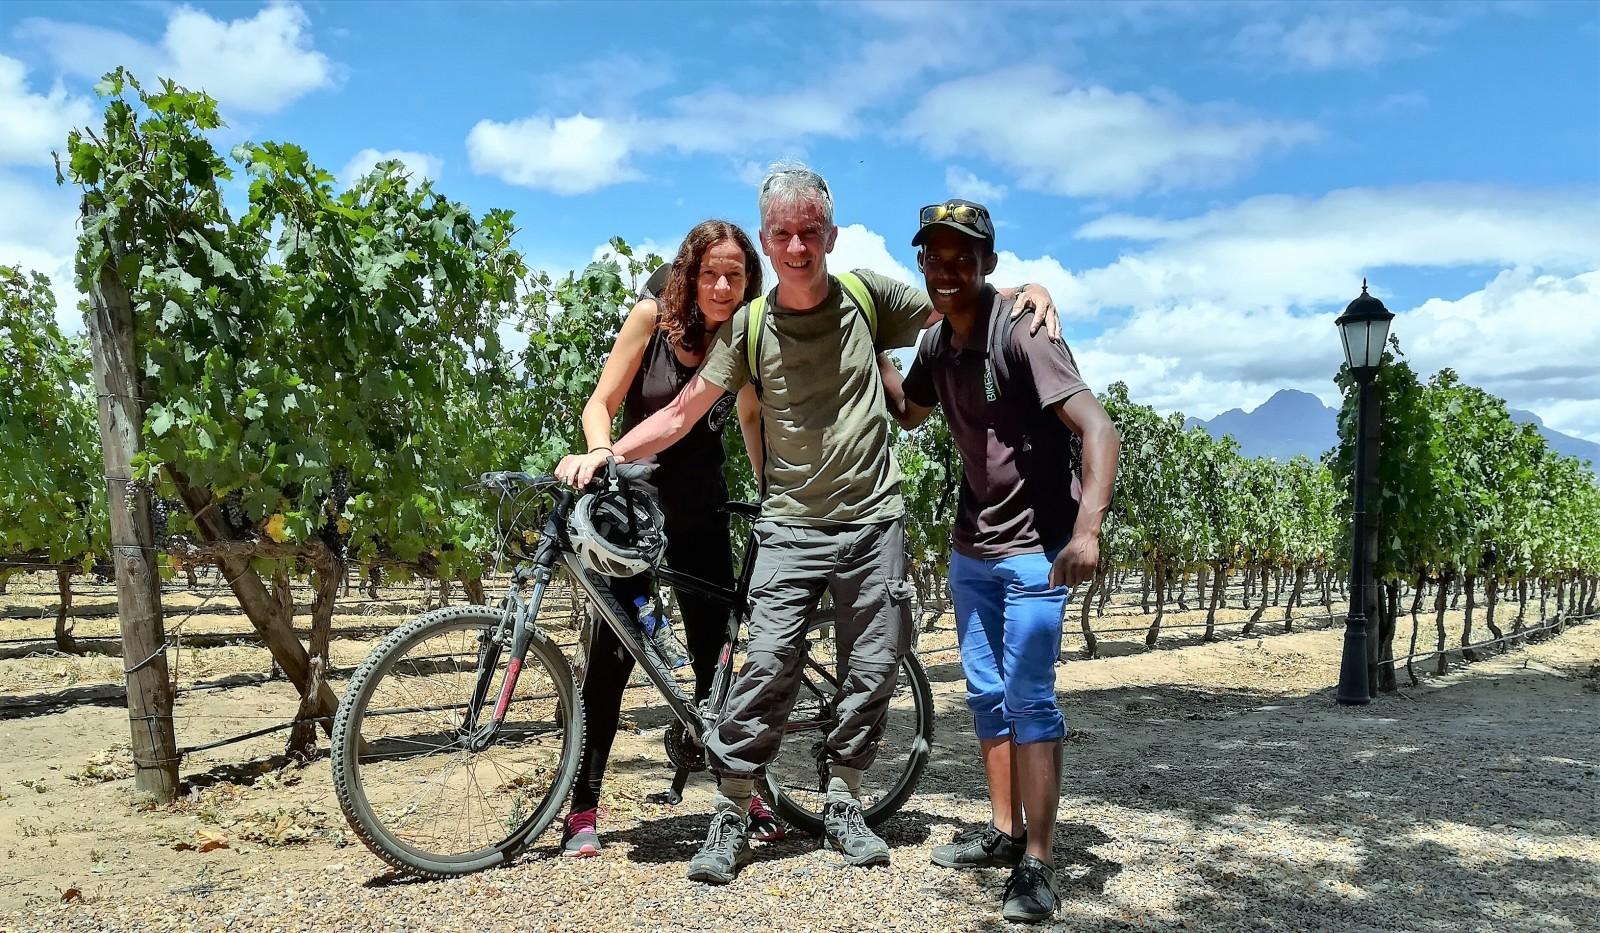 cycling tour of Stellenbosch